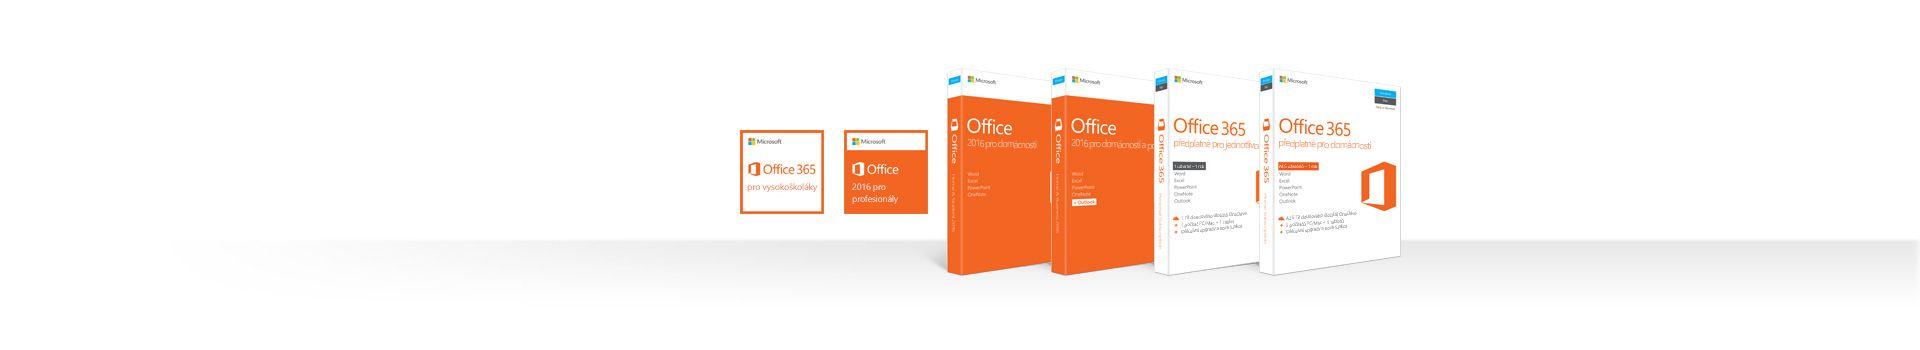 Řada krabic představující předplatná a samostatné produkty Office pro PC